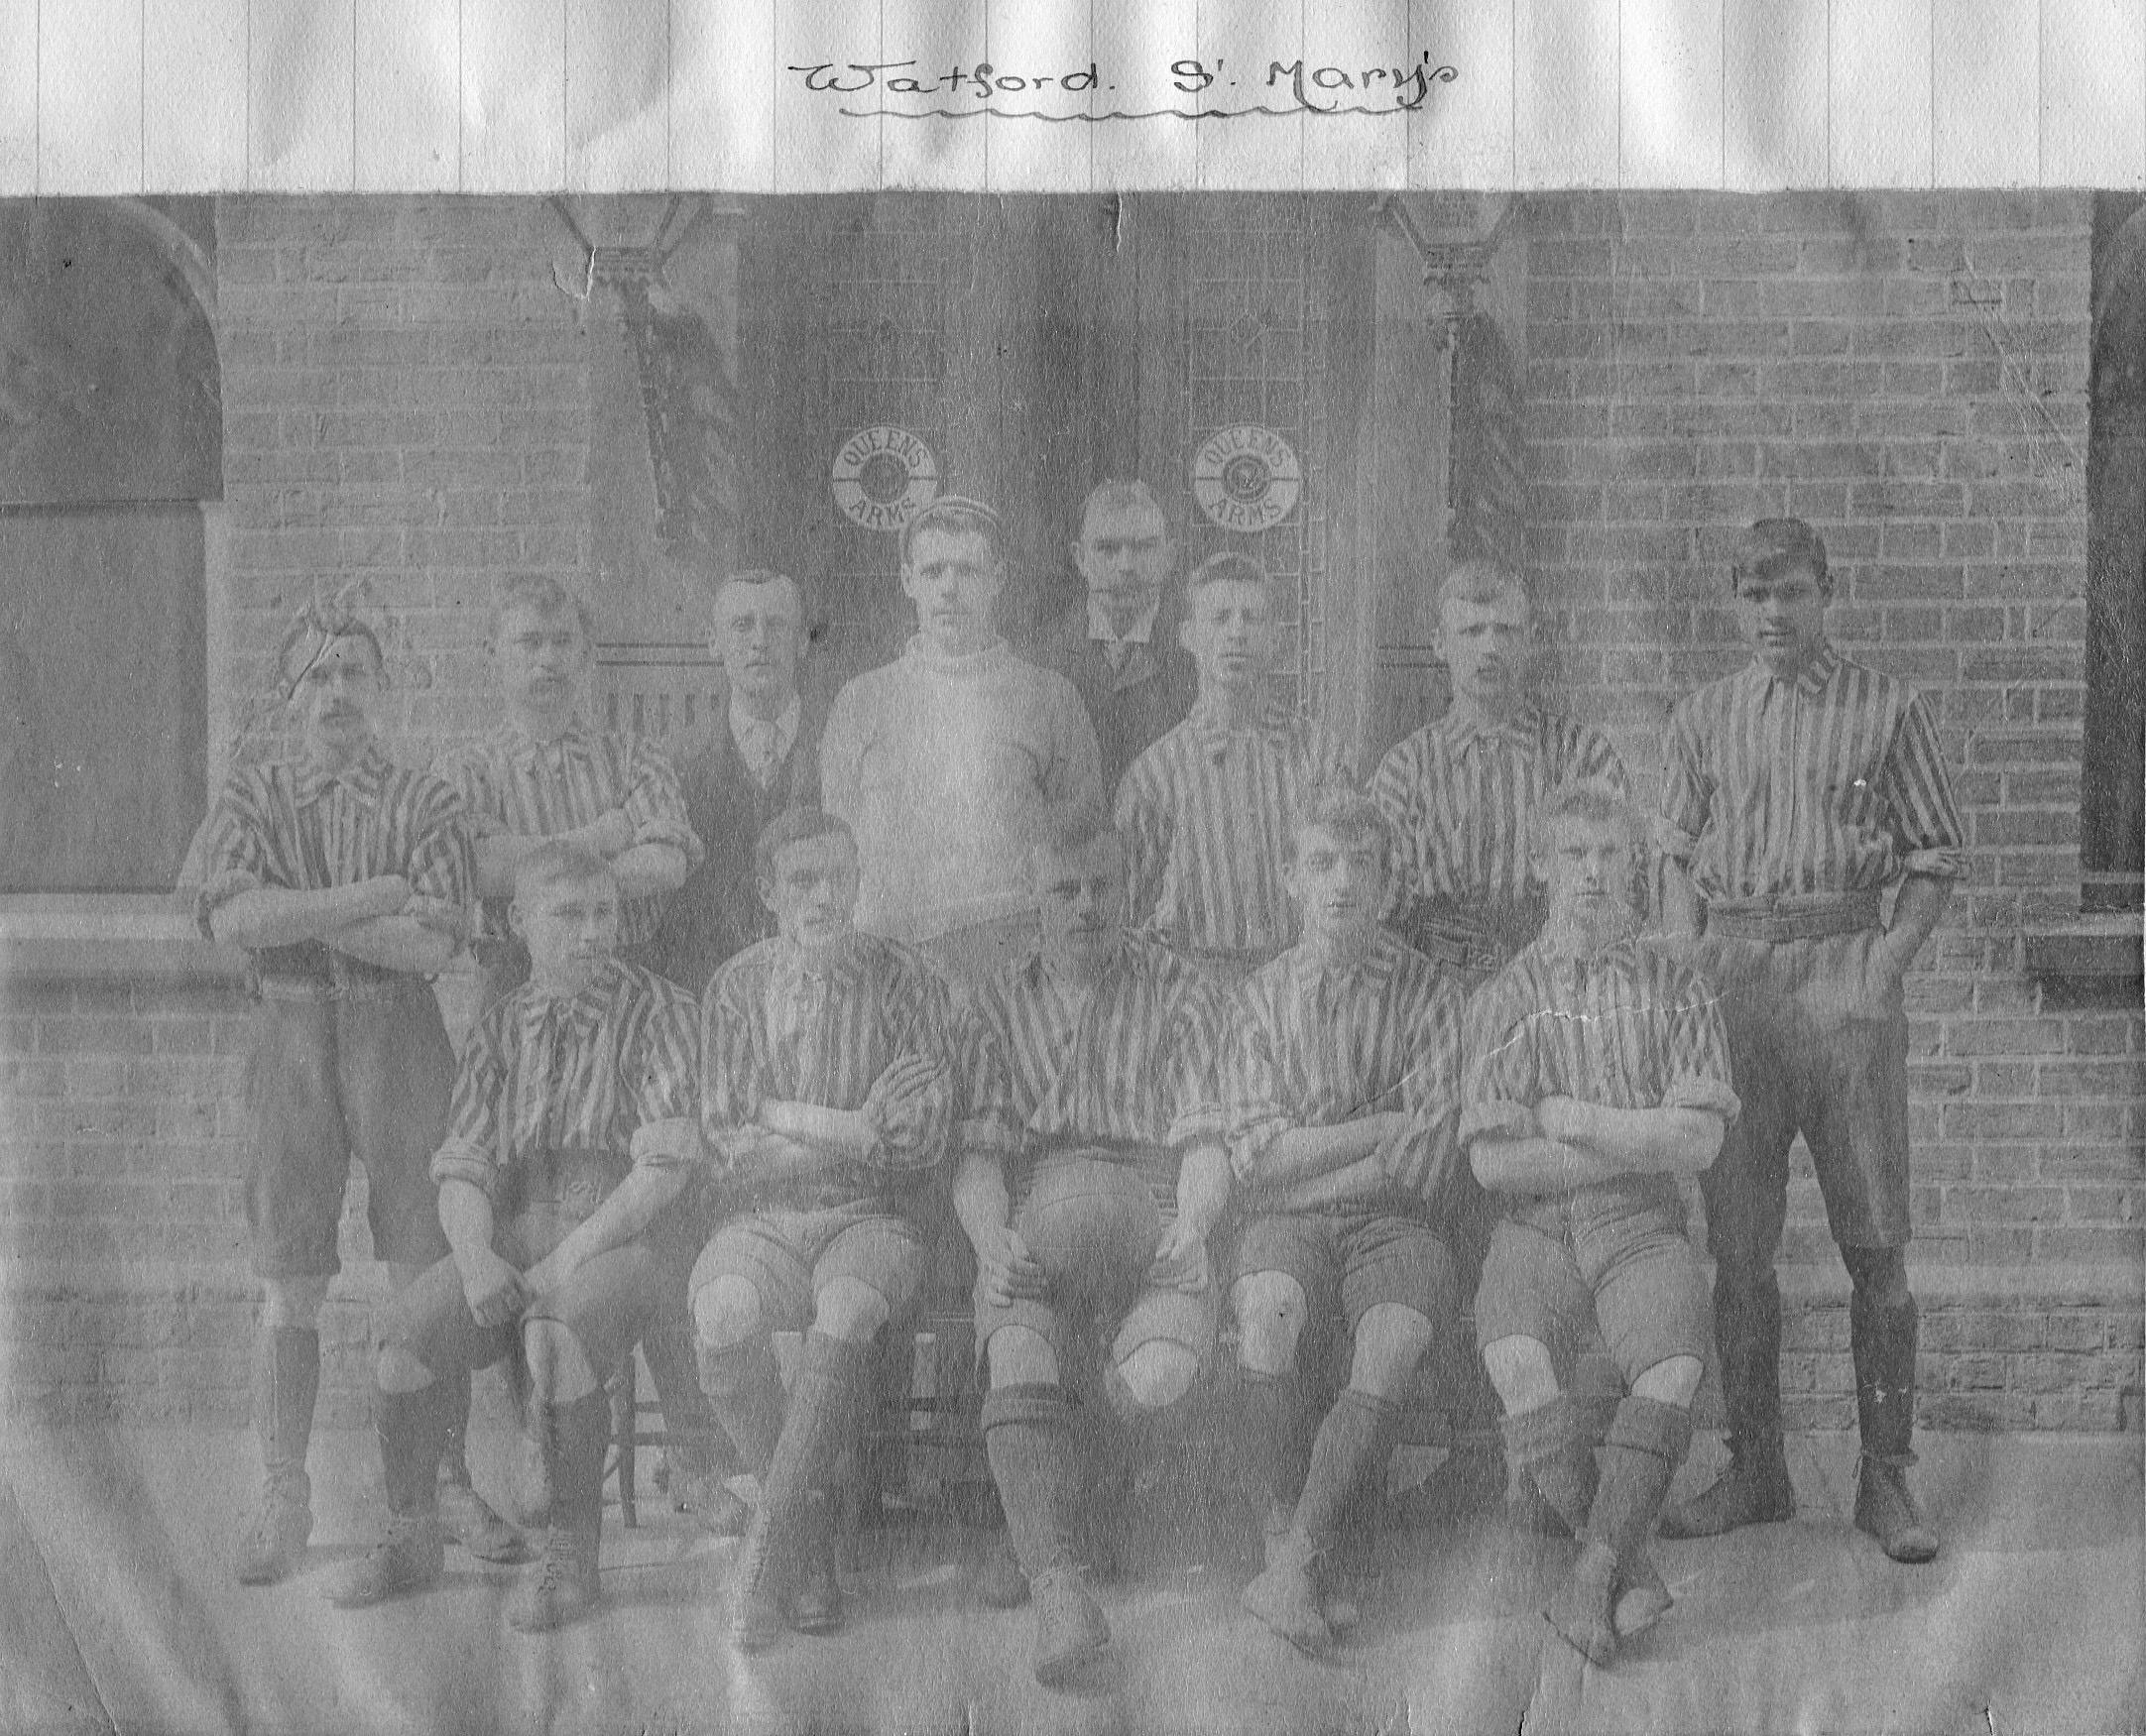 Watford St. Mary's 1894